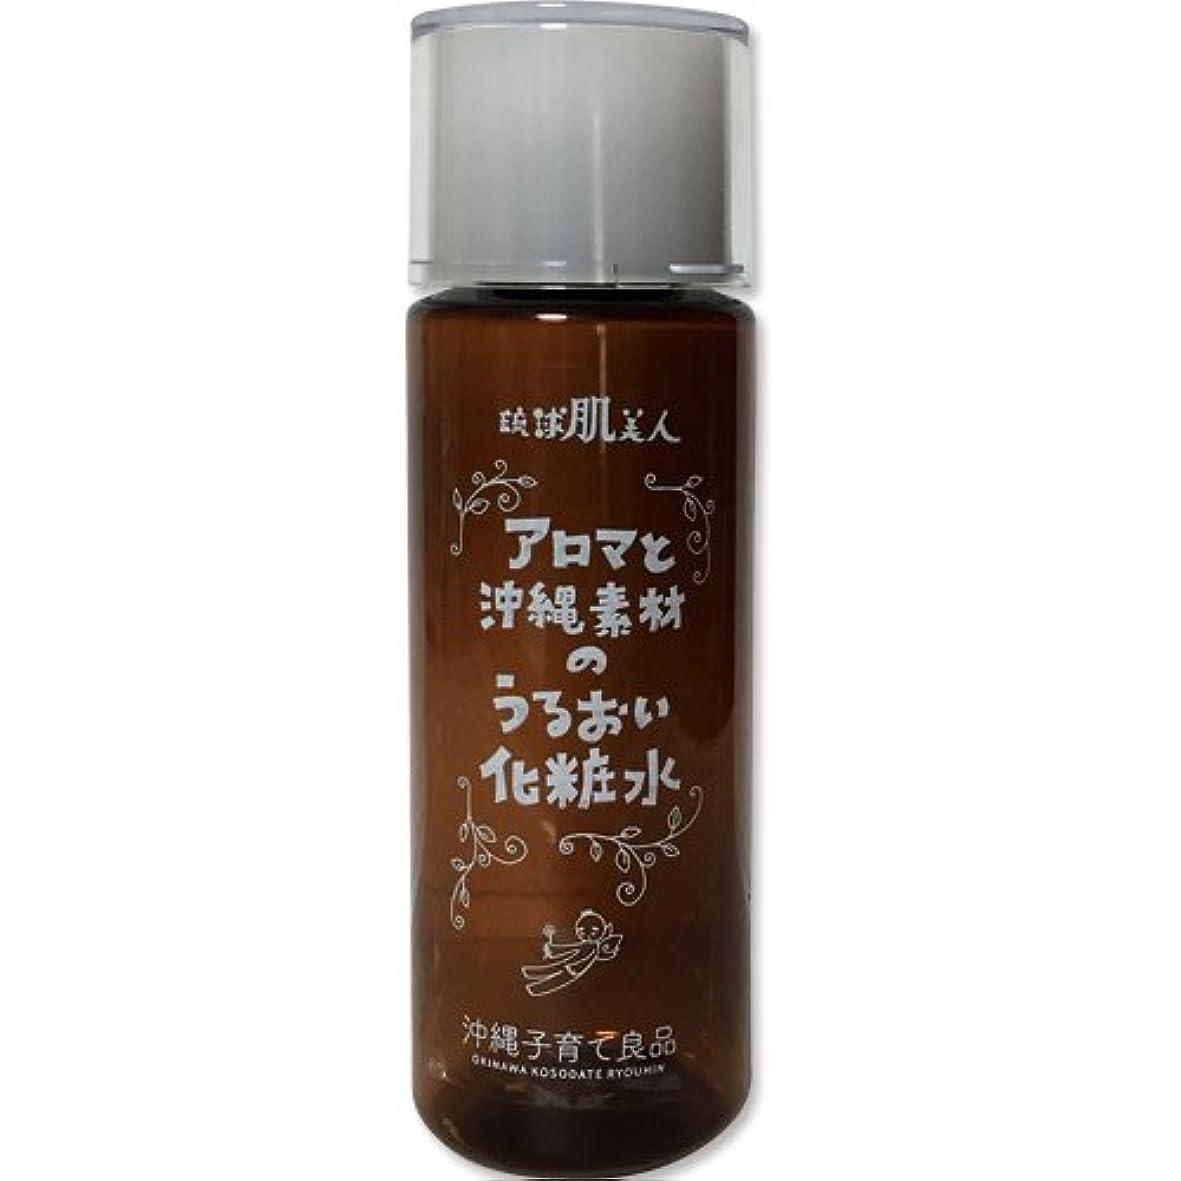 したがってゲーム反発する保湿 化粧水 無添加 アルコールフリー アロマと沖縄素材のうるおい化粧水 120ml